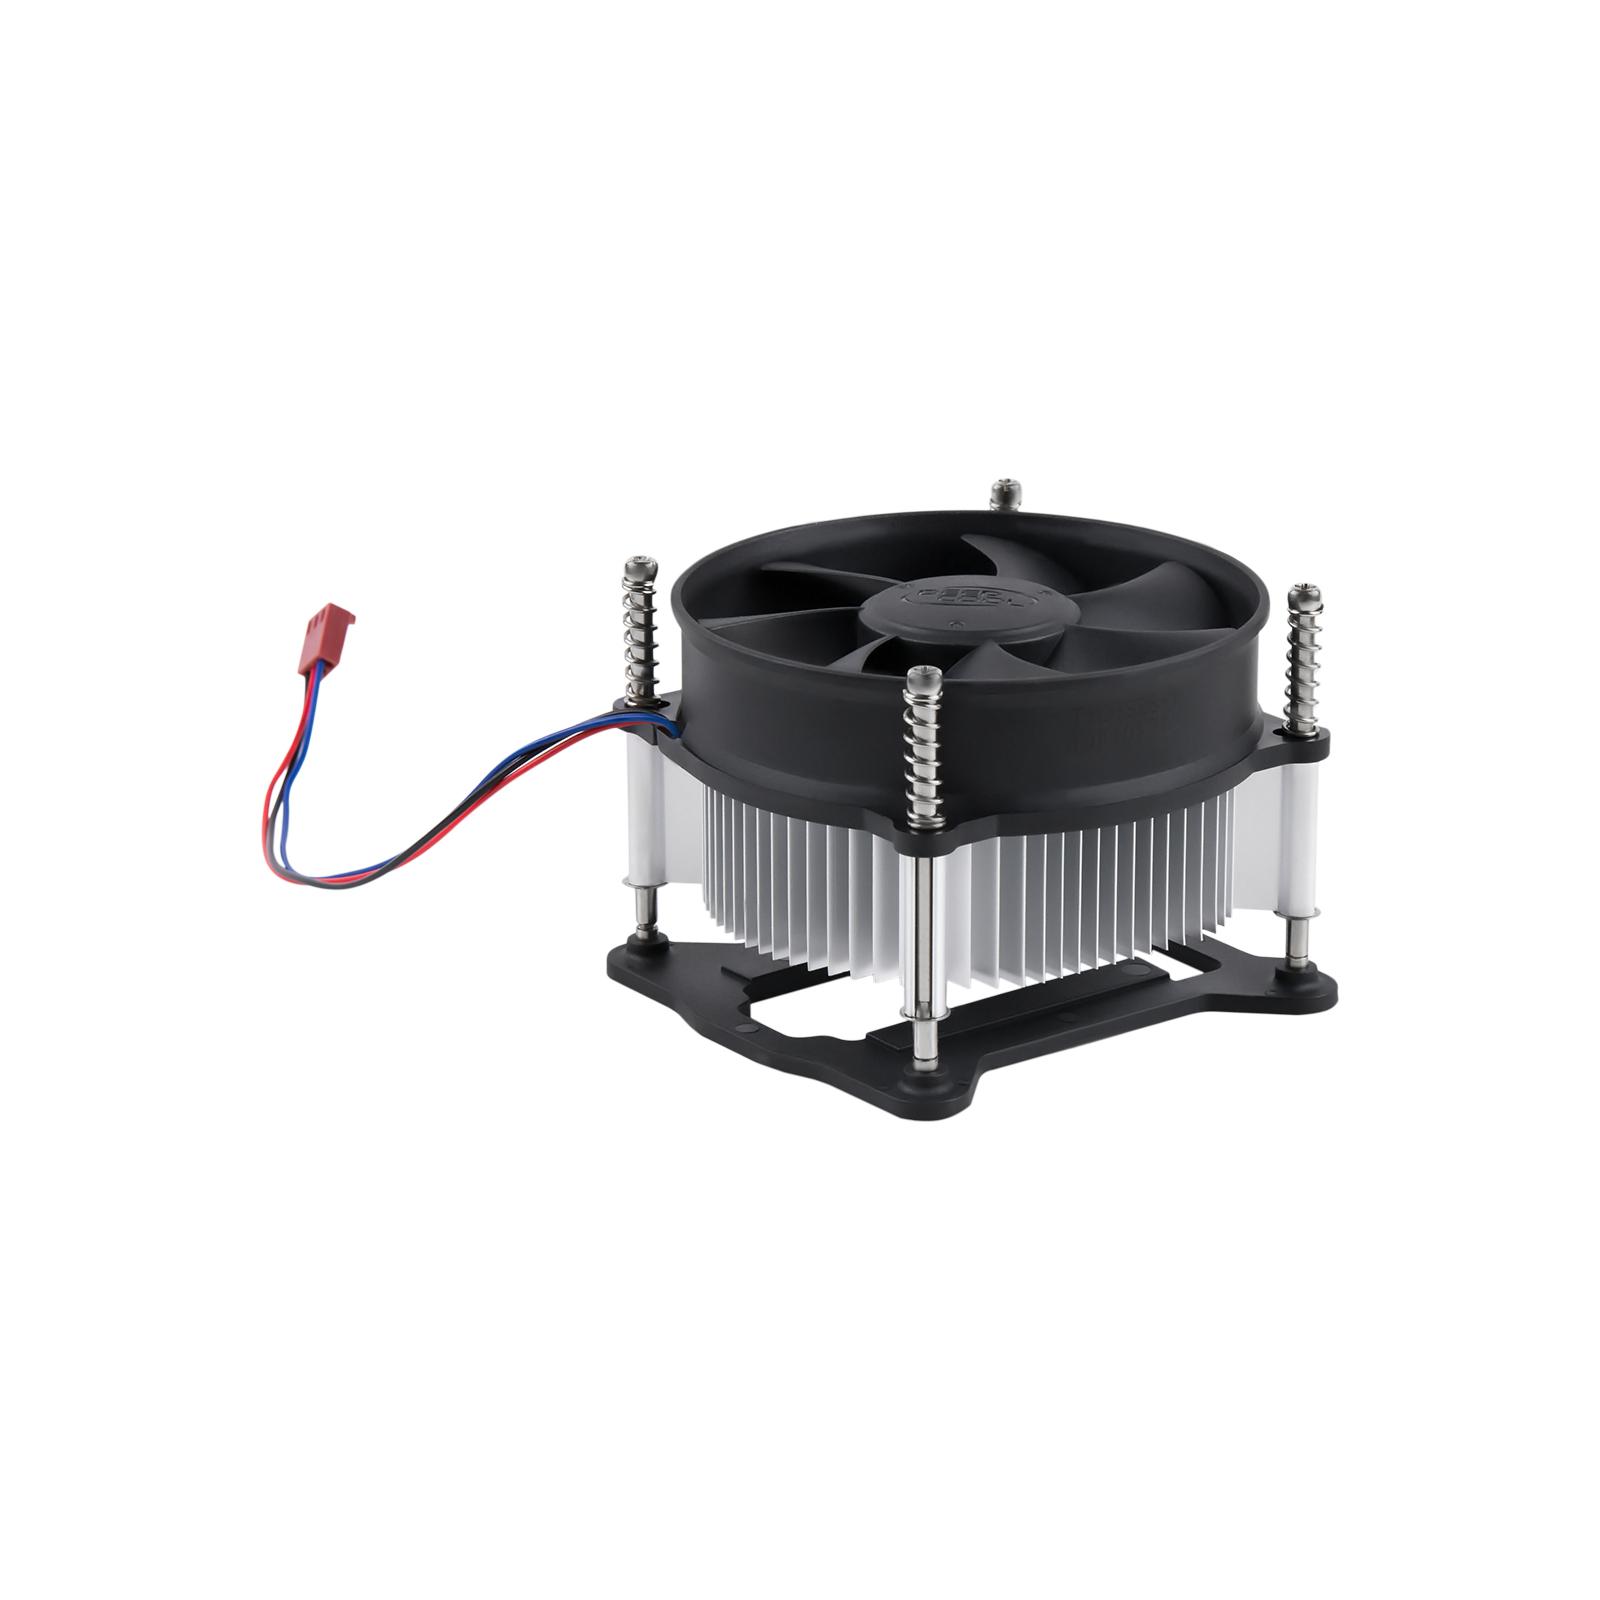 Кулер для процессора Deepcool CK-11508 изображение 2